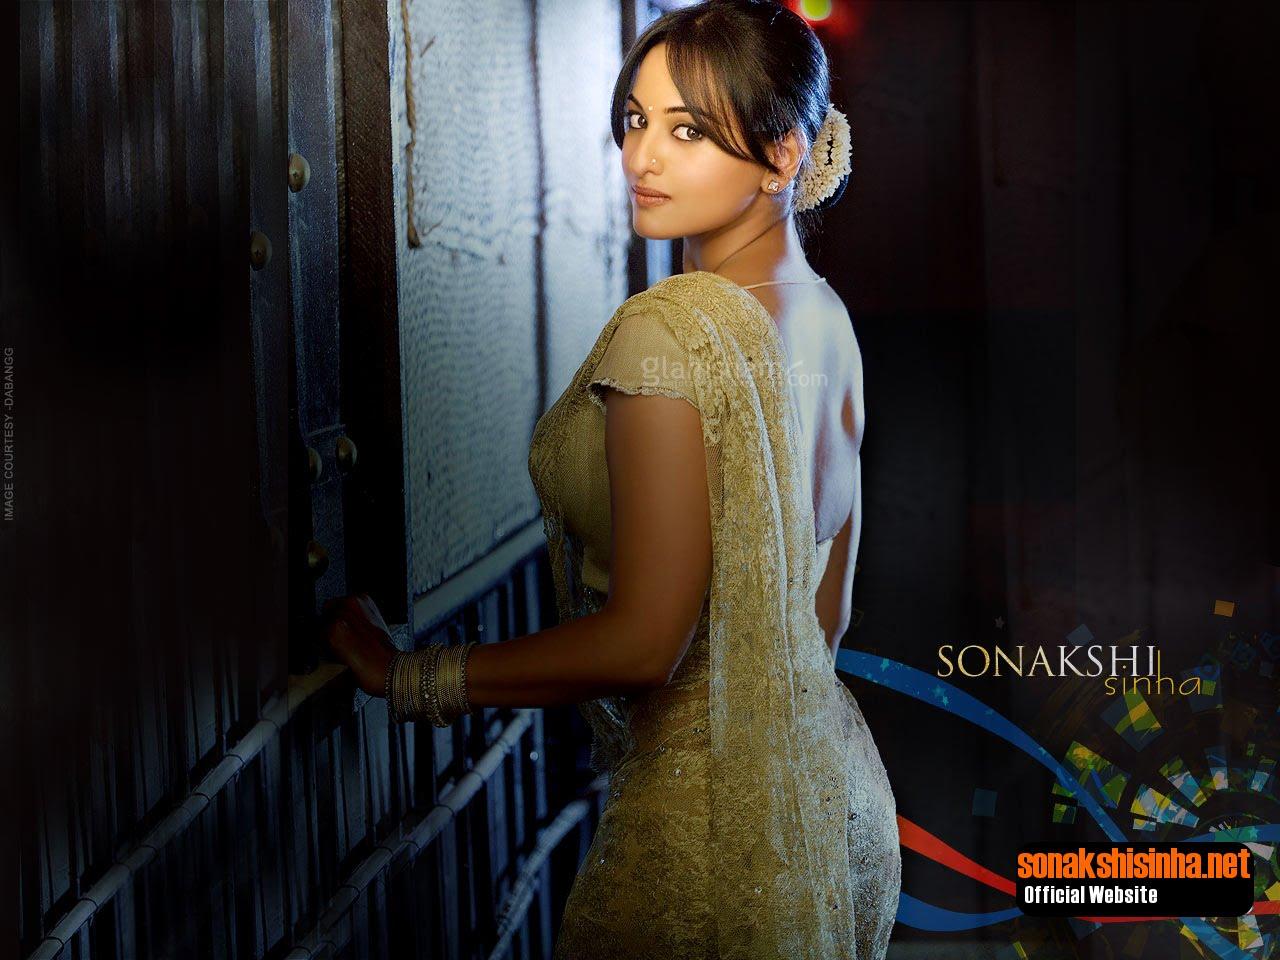 http://2.bp.blogspot.com/_jJKPwhSecsc/TFbhMY40-_I/AAAAAAAAAPM/3hX3srt3hD8/s1600/sonakshisinha_wallpaper.jpg